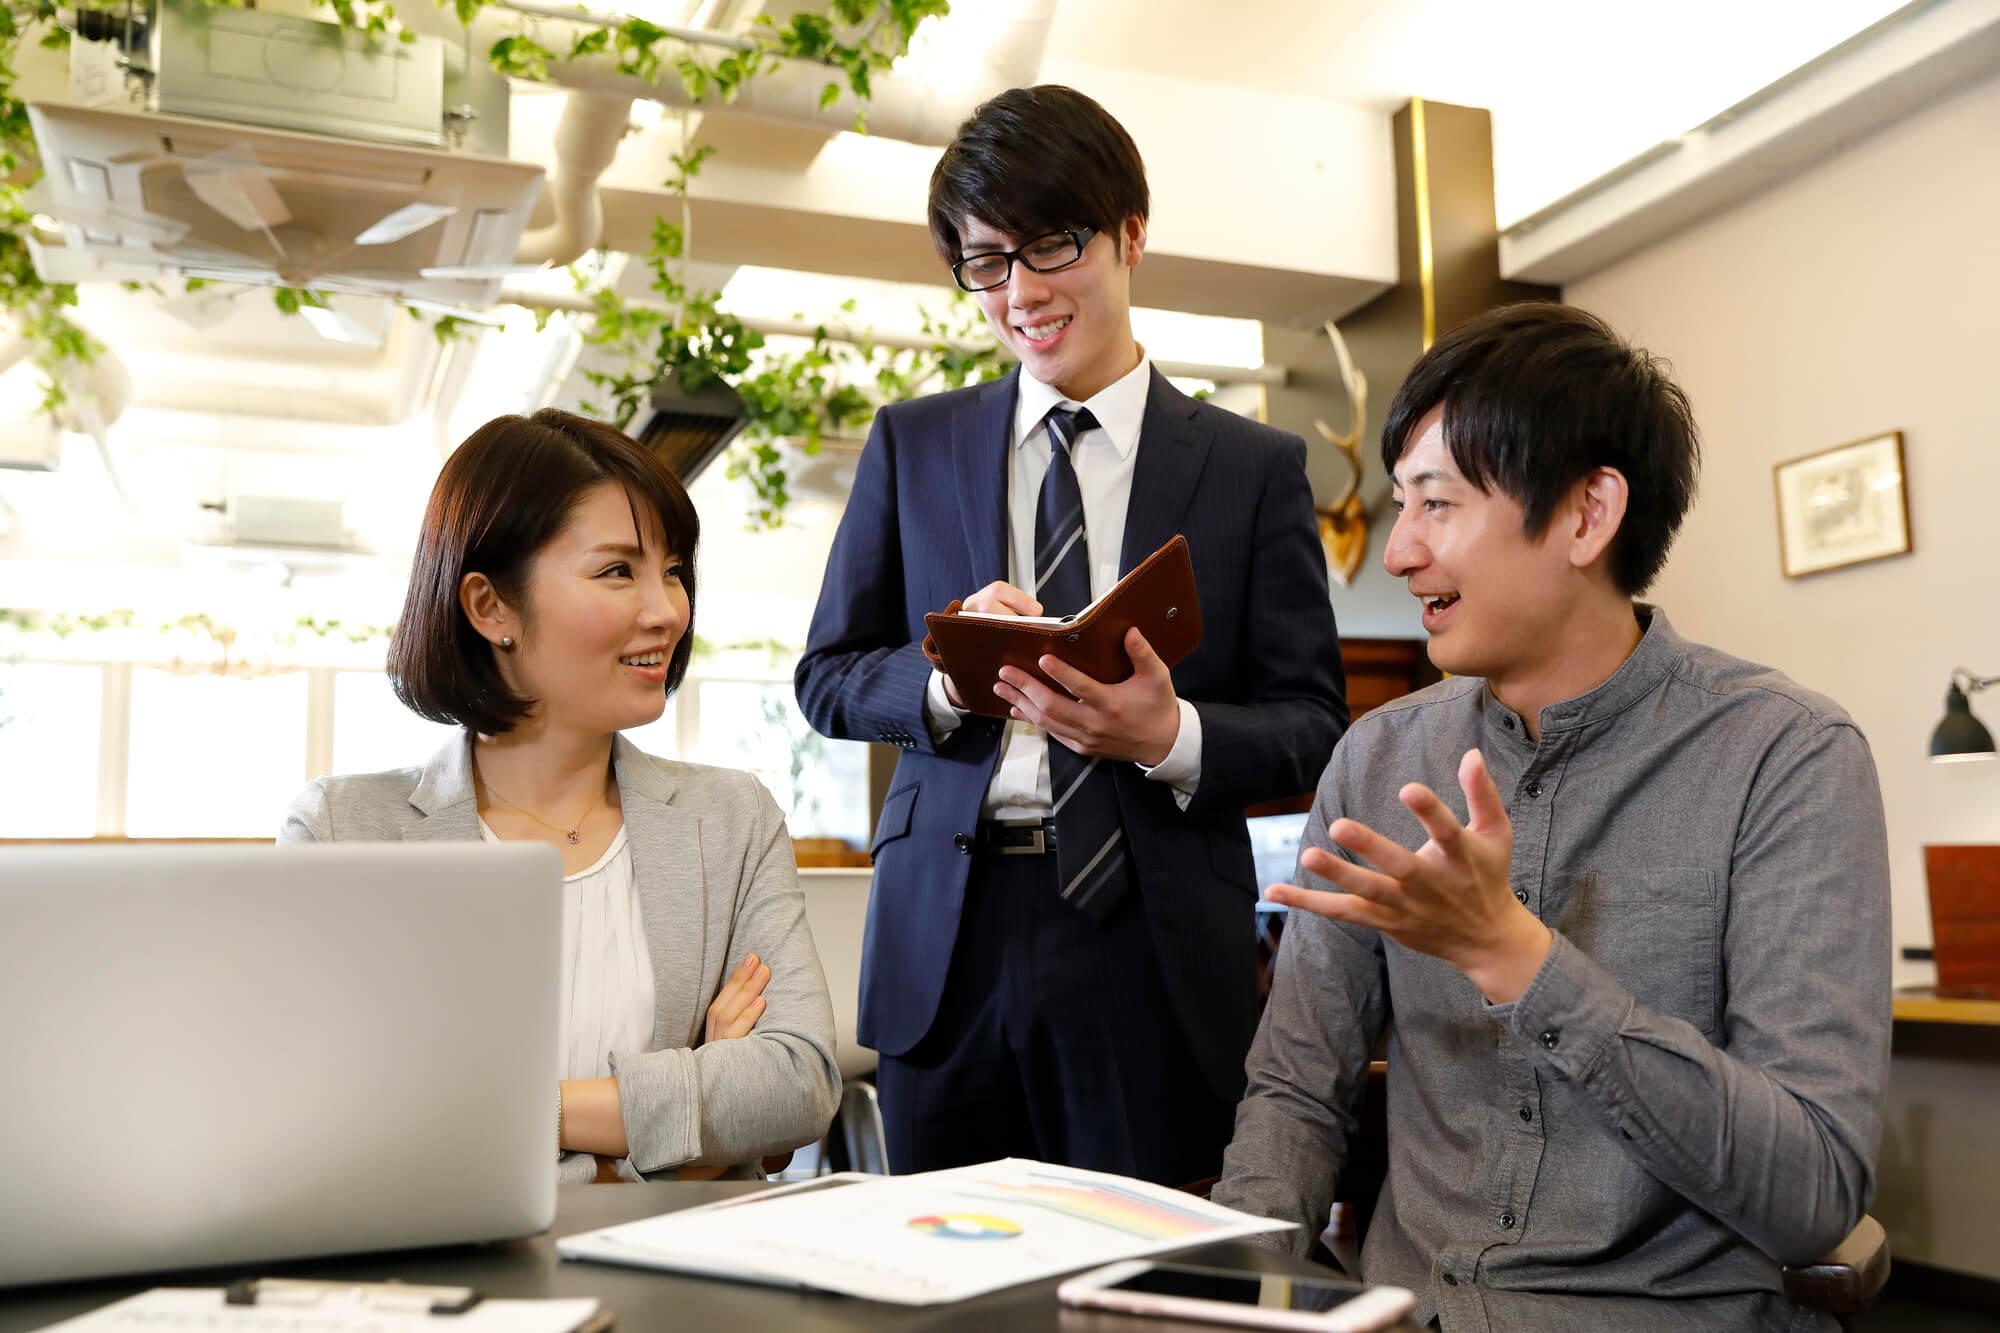 大阪で使いやすいレンタルシェアオフィス7選【設備と料金も紹介】